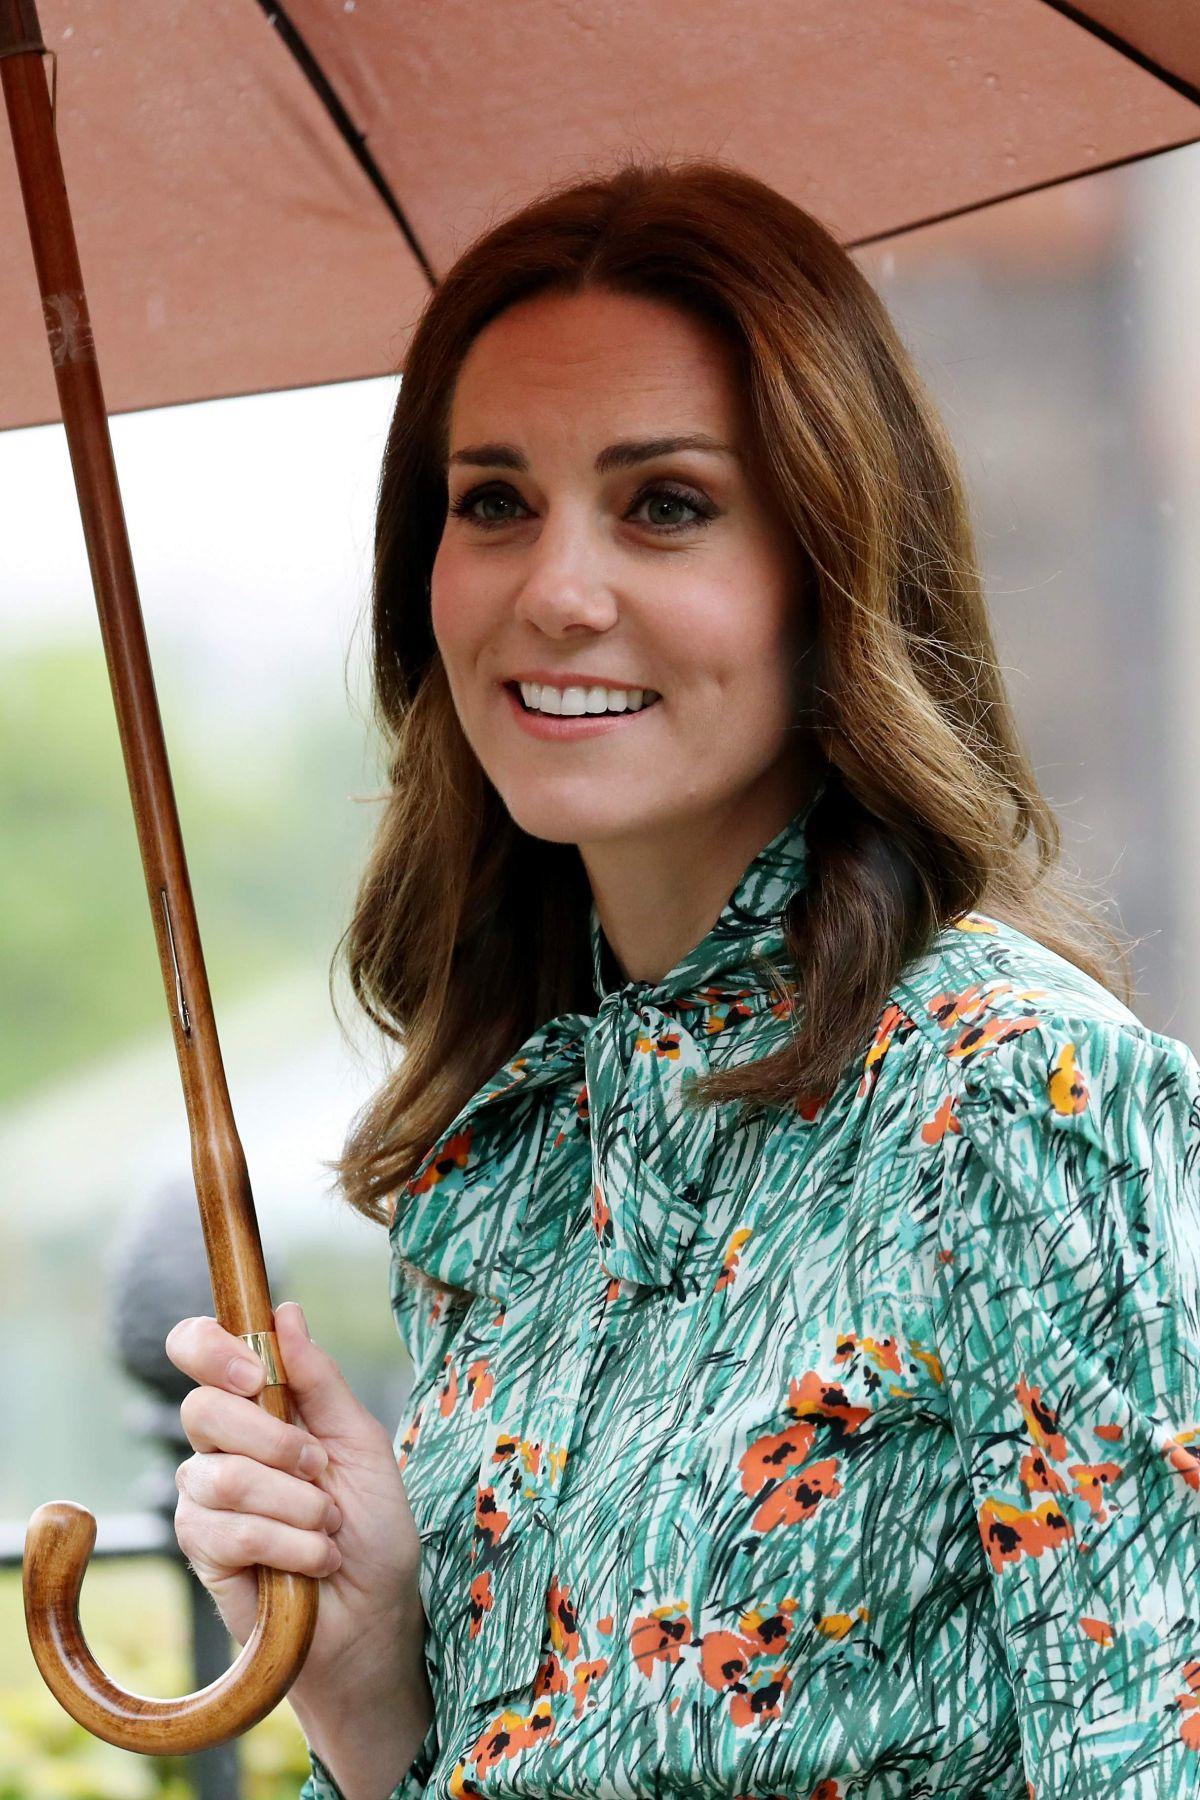 KATE MIDDLETON at Sunken Garden at Kensington Palace in